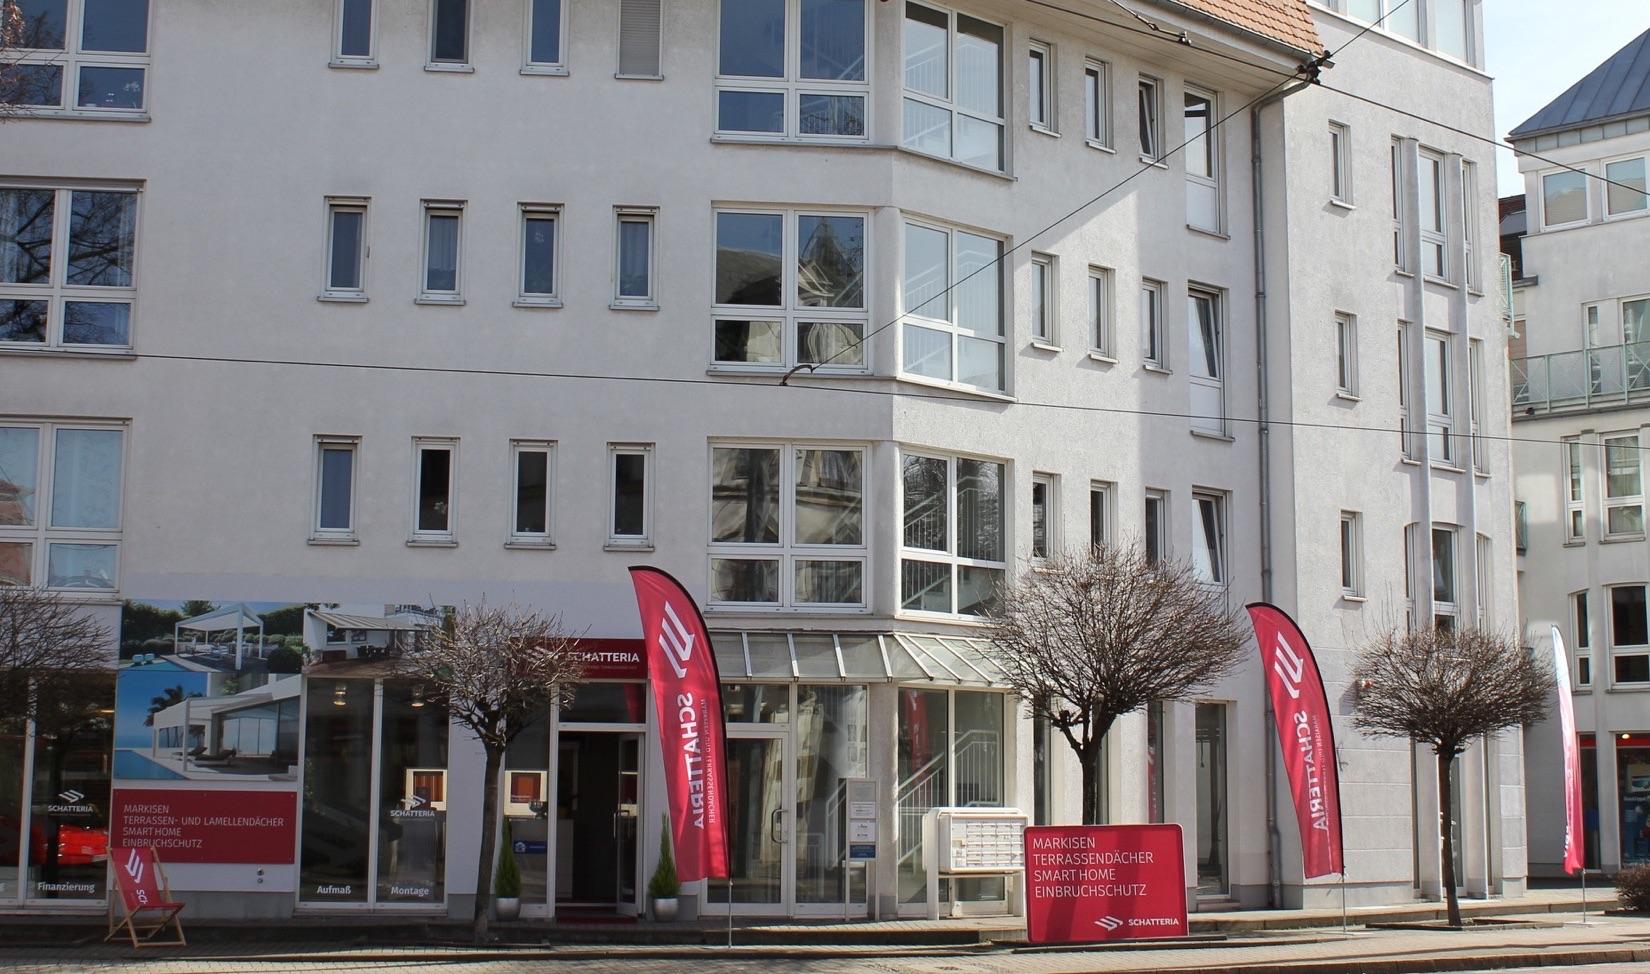 Schatteria - Markisen und Terrassendächer